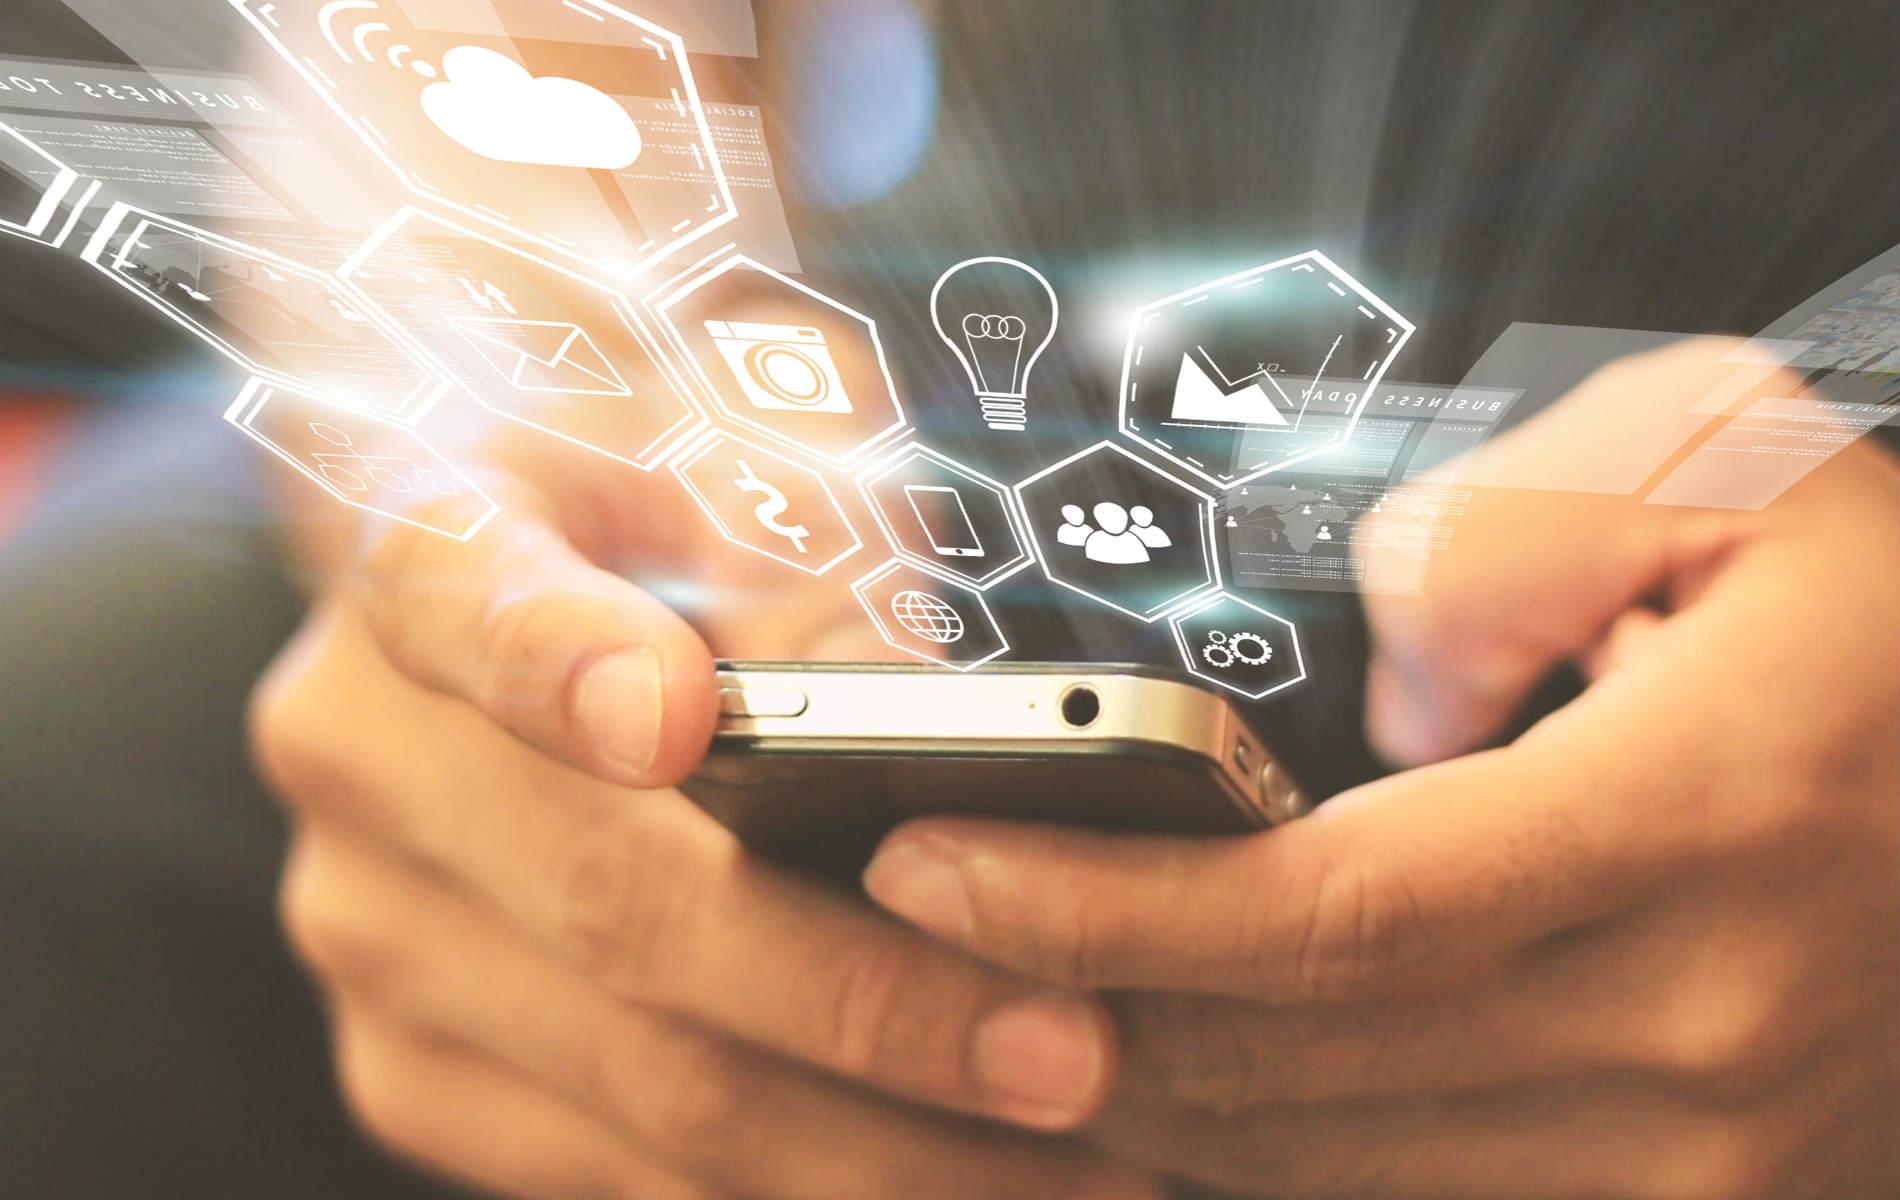 Verse, app para transferir dinero al instante y estar al día con las responsabilidades